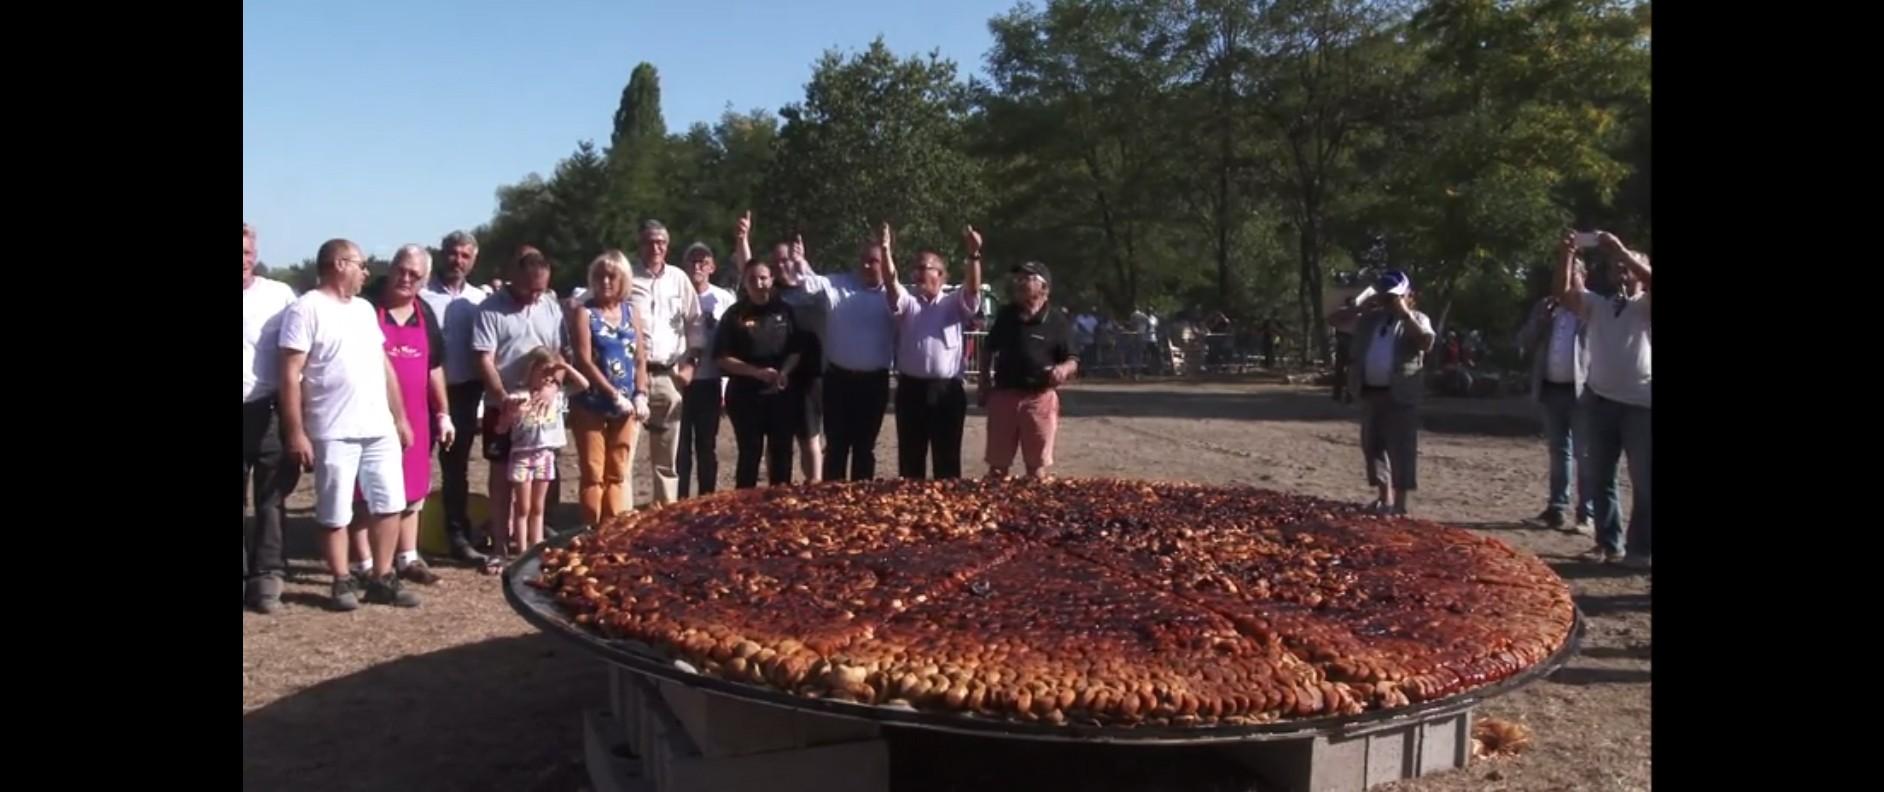 Pour le 120ème anniversaire de la création de la tarte tatin, des volontaires de Lamotte-Beuvron ont battu le record mondial du plus gros dessert de cette sorte.